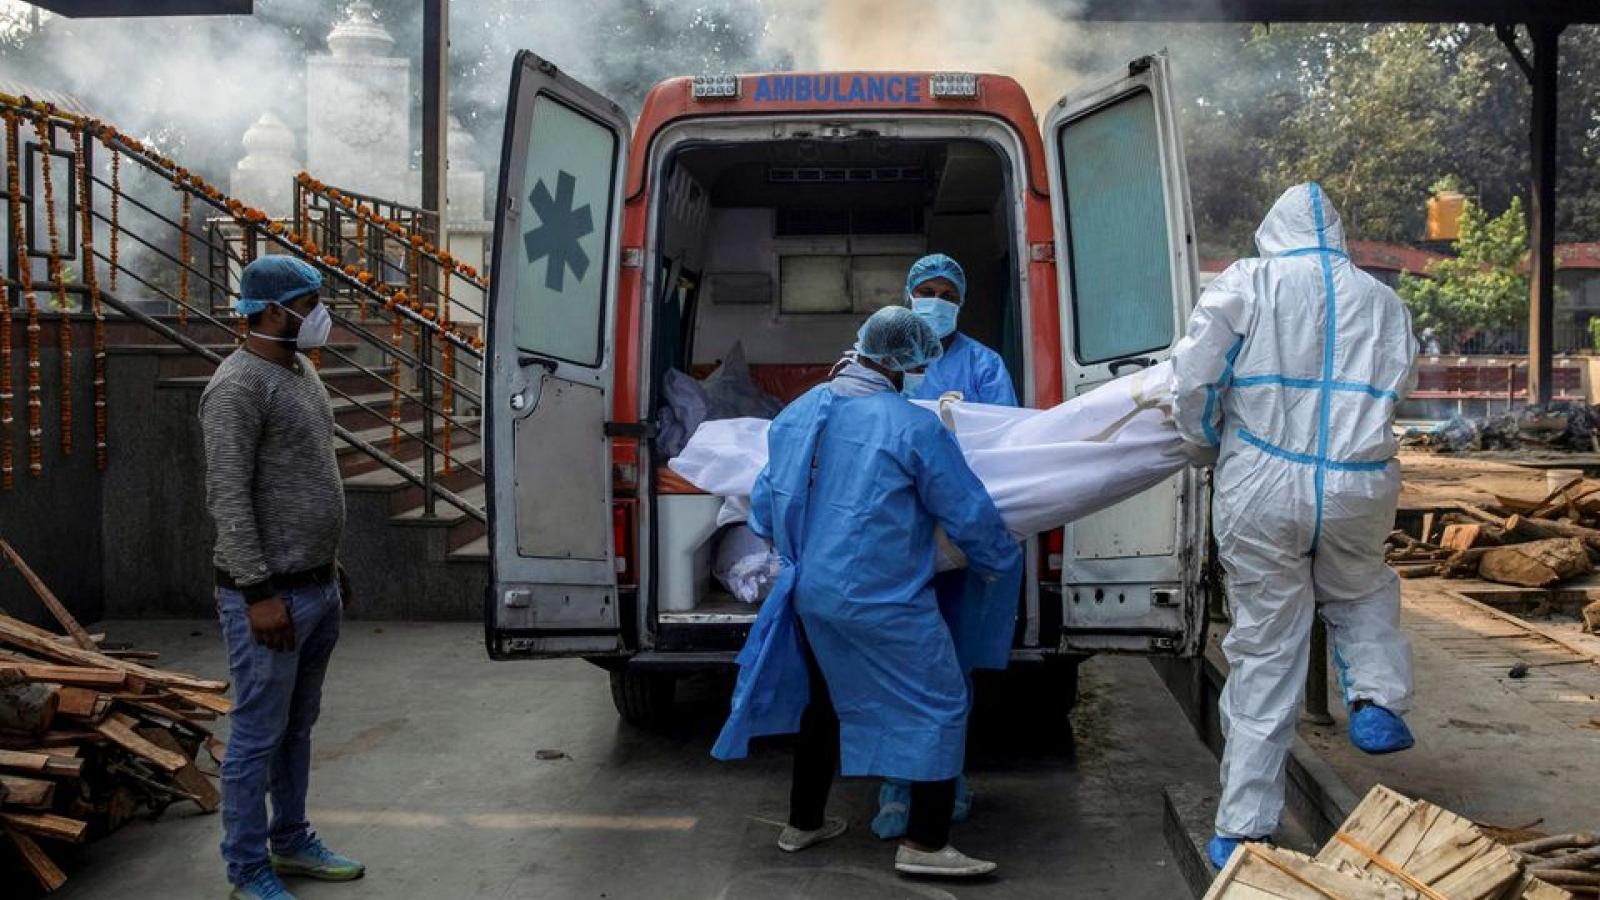 Ấn Độ ghi nhận cột mốc u ám: 250.000 người chết vì Covid-19